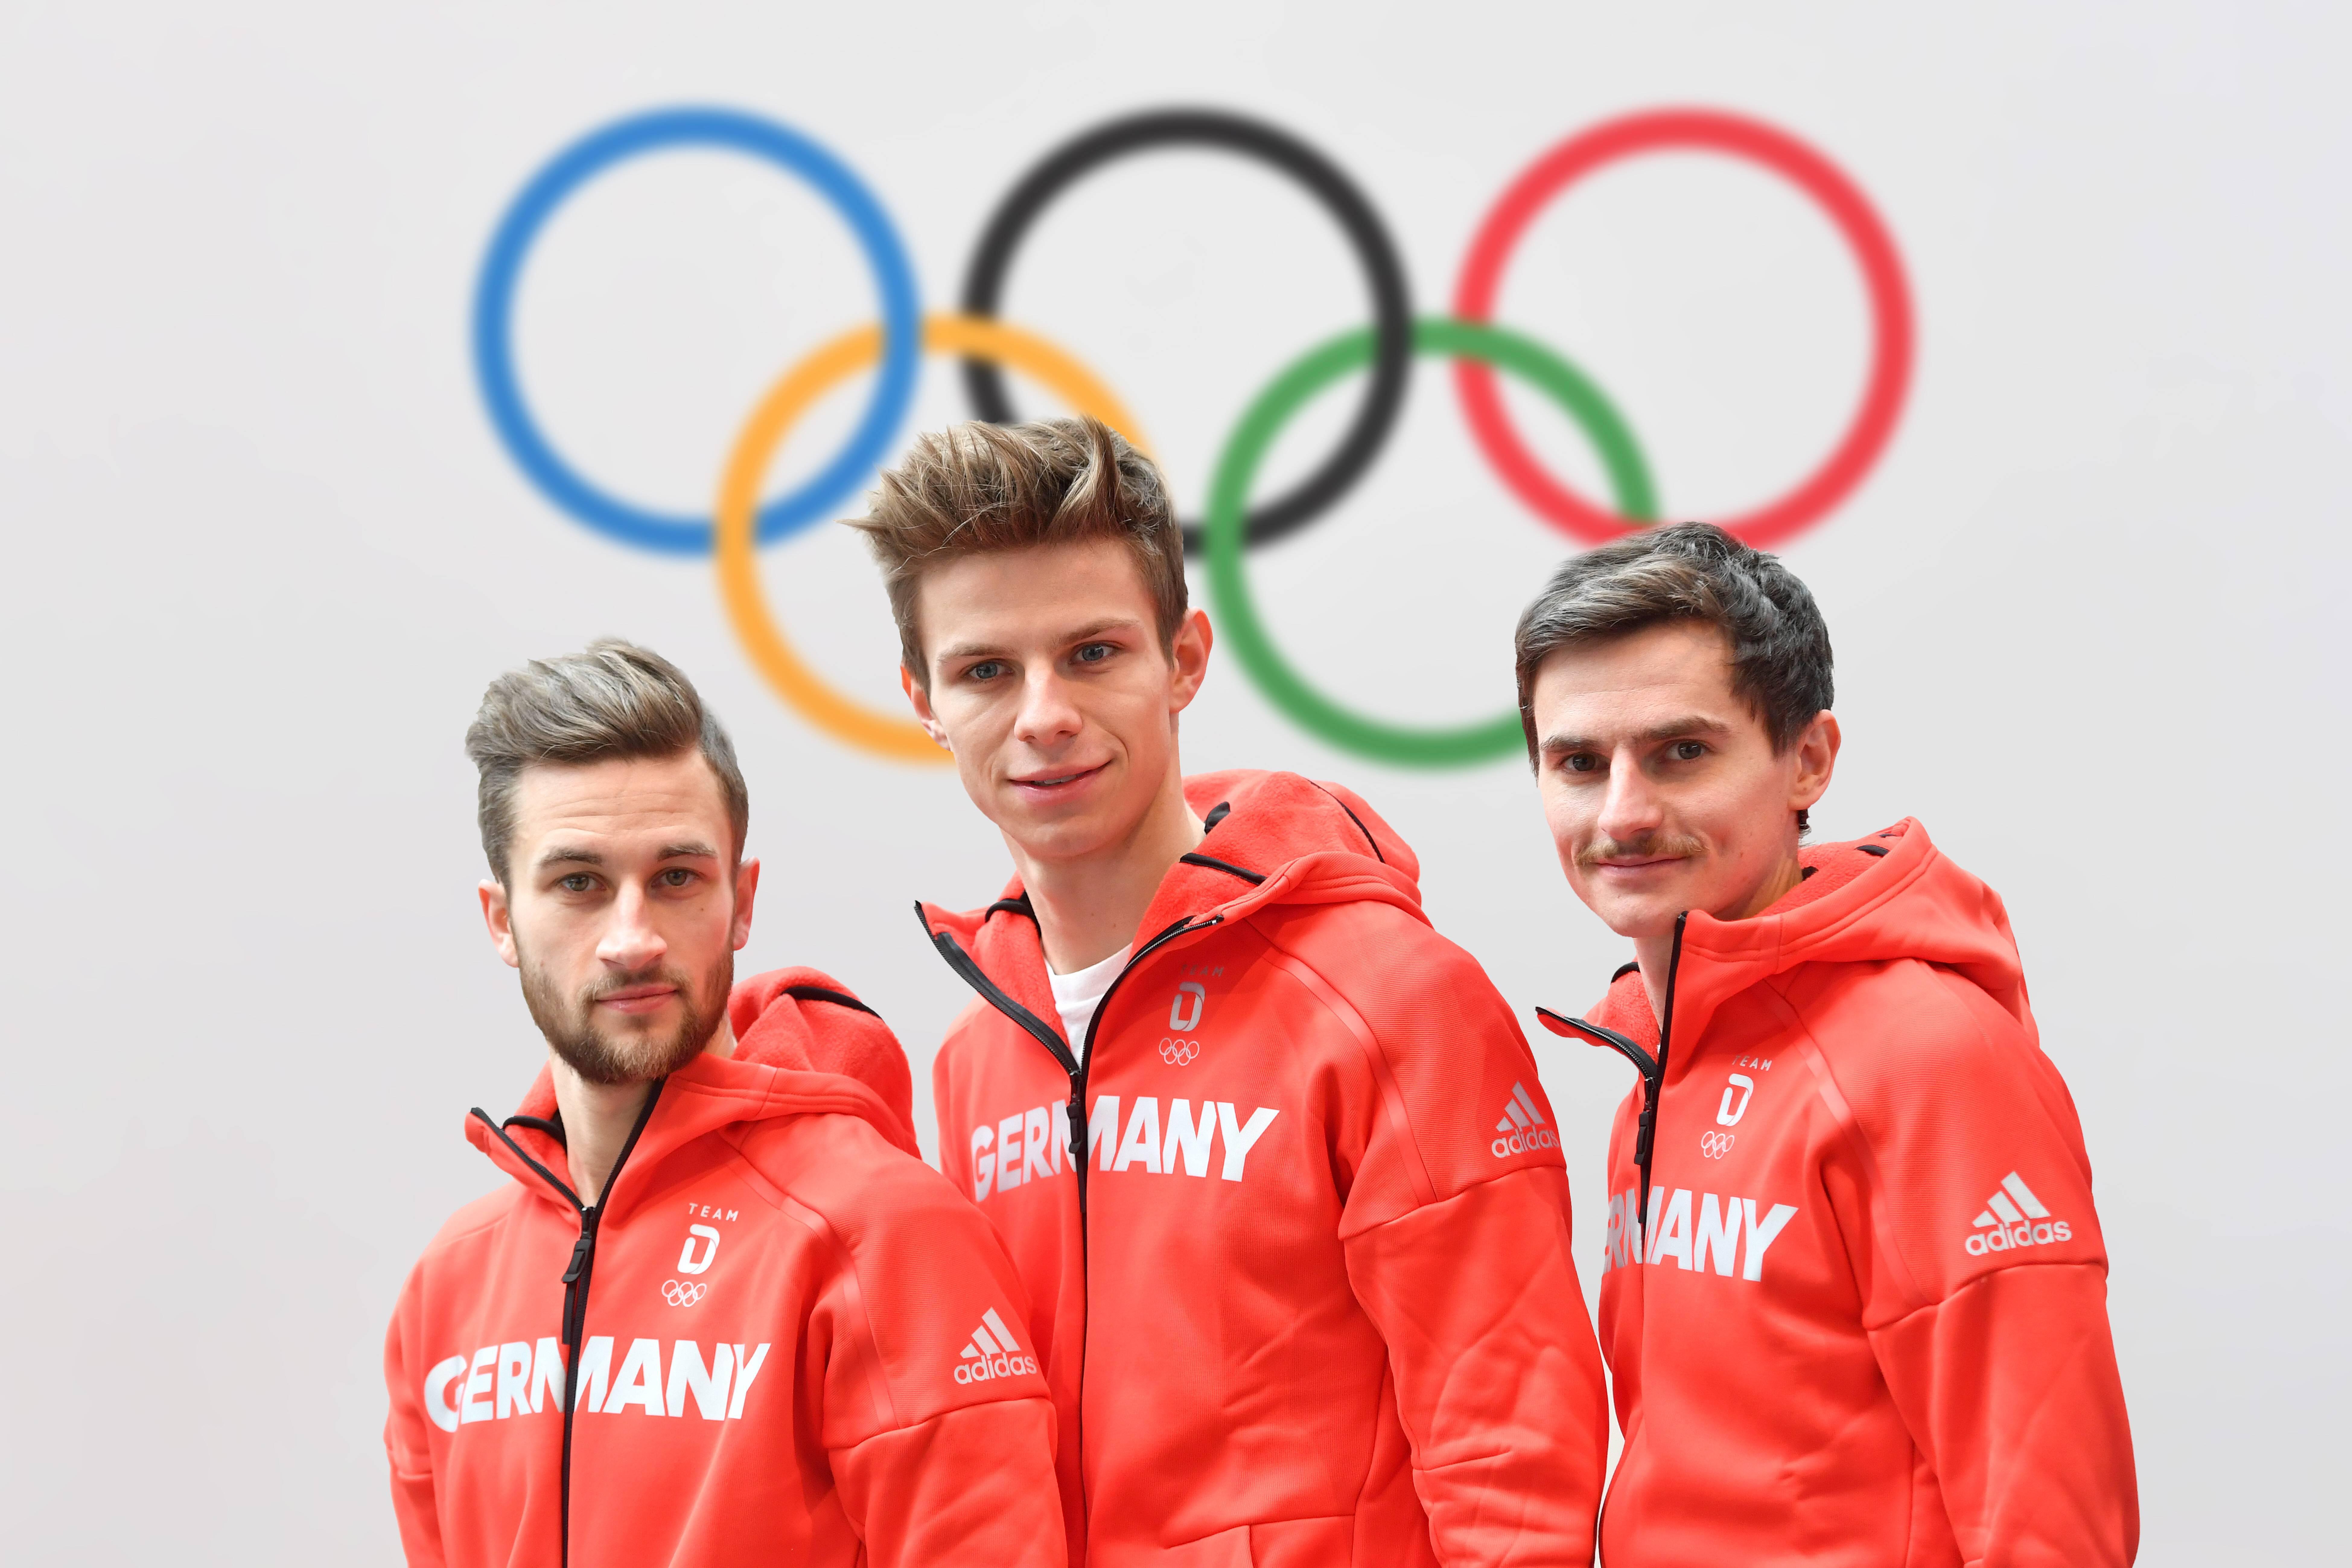 Bild zu Olympia, olympische Spiele, Pyeongchang, Einkleidung